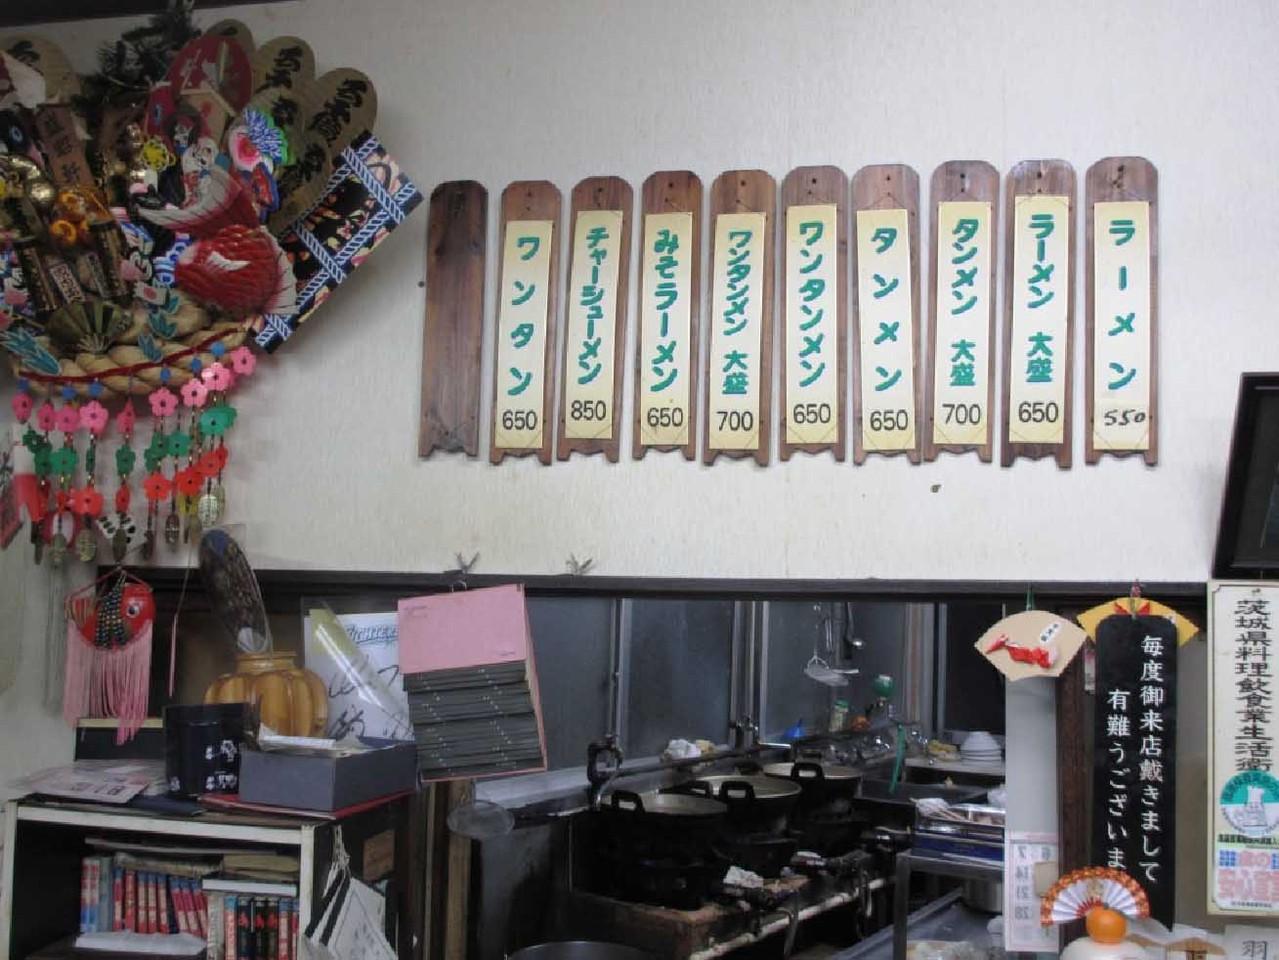 メニューは壁に掛かったメニュー札から選ぶ。一番左の空欄木札にはの冷やしラーメンが夏季限定でお品書きされる。